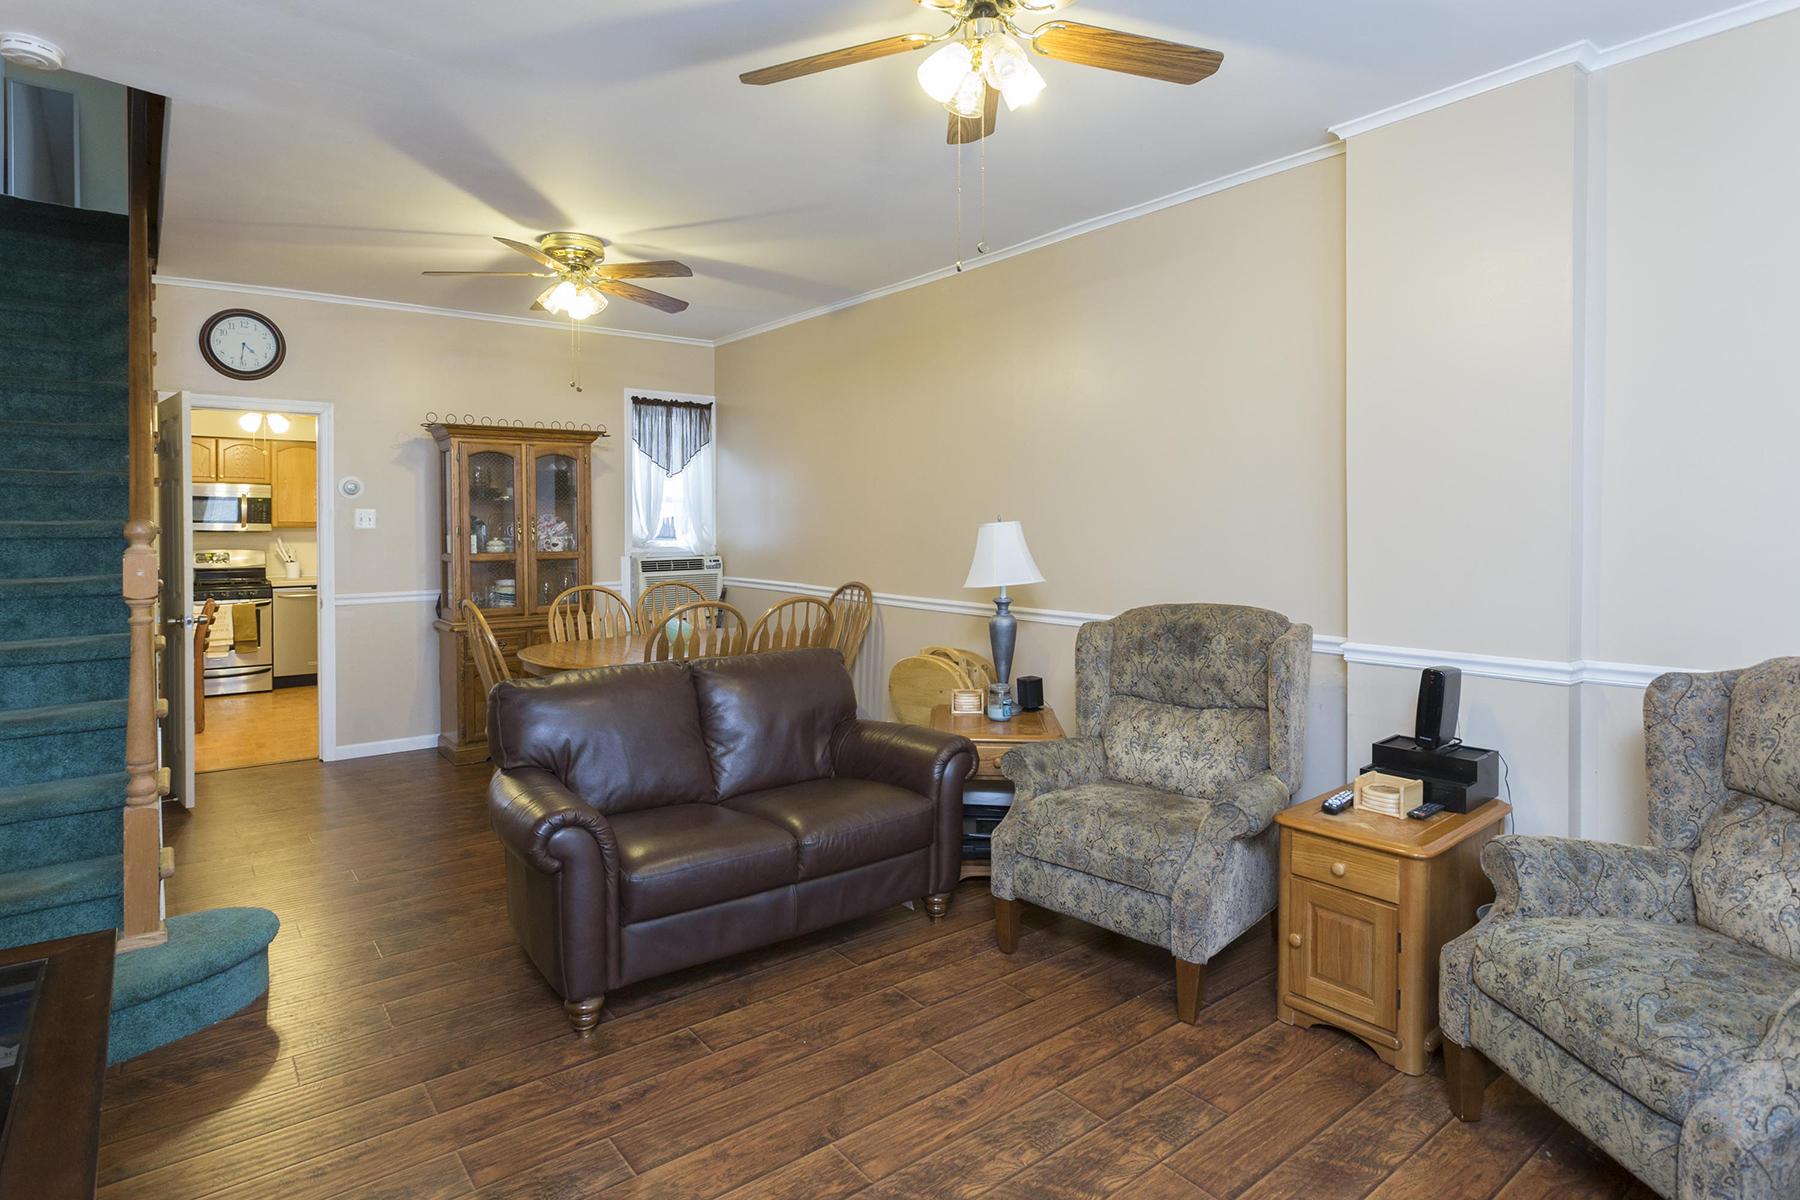 Single Family Home for Sale at 3051 Mercer St Philadelphia, Pennsylvania, 19134 United States